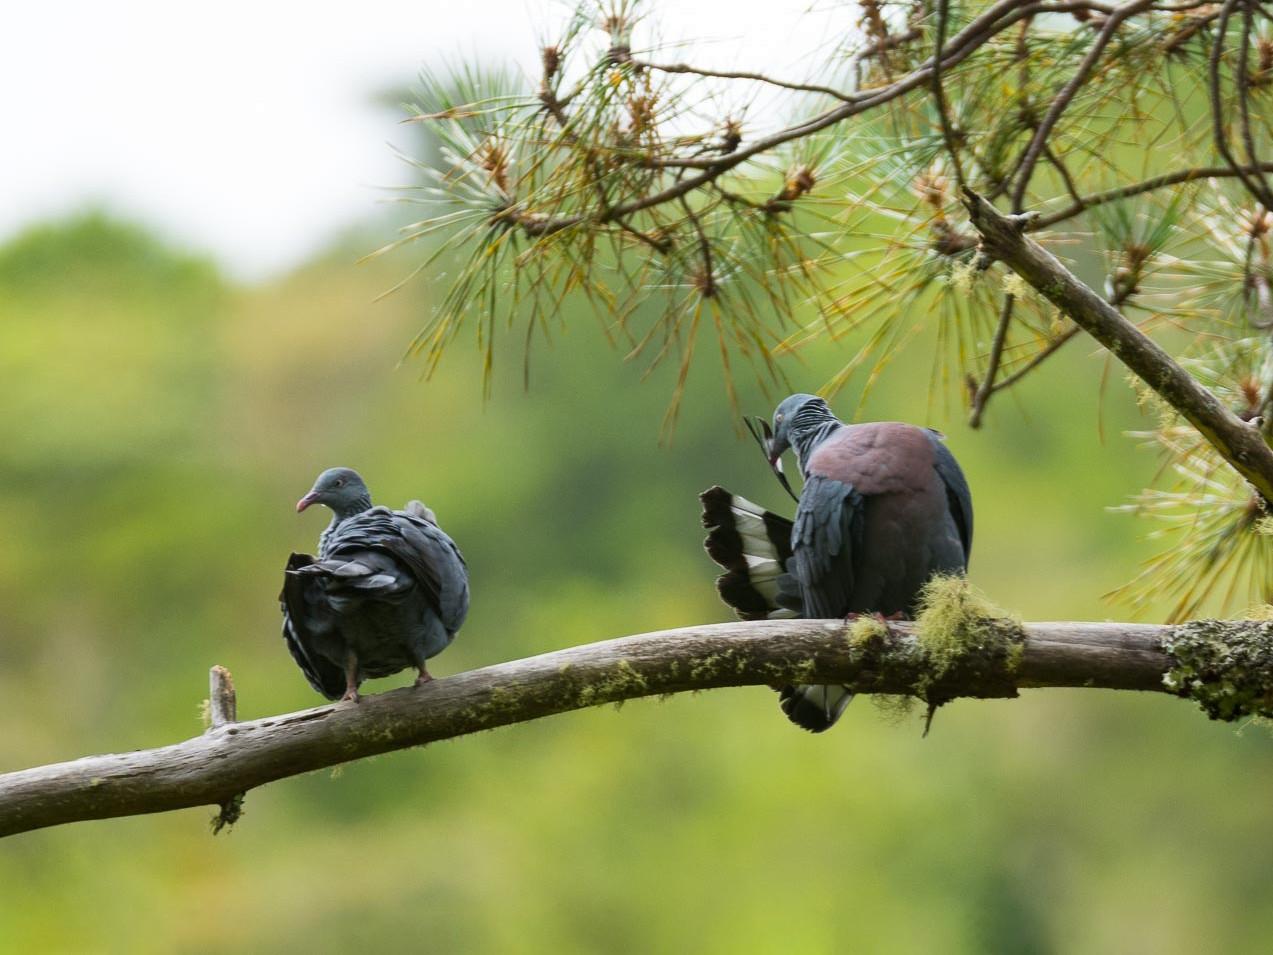 Trocaz Pigeon - Eric francois Roualet